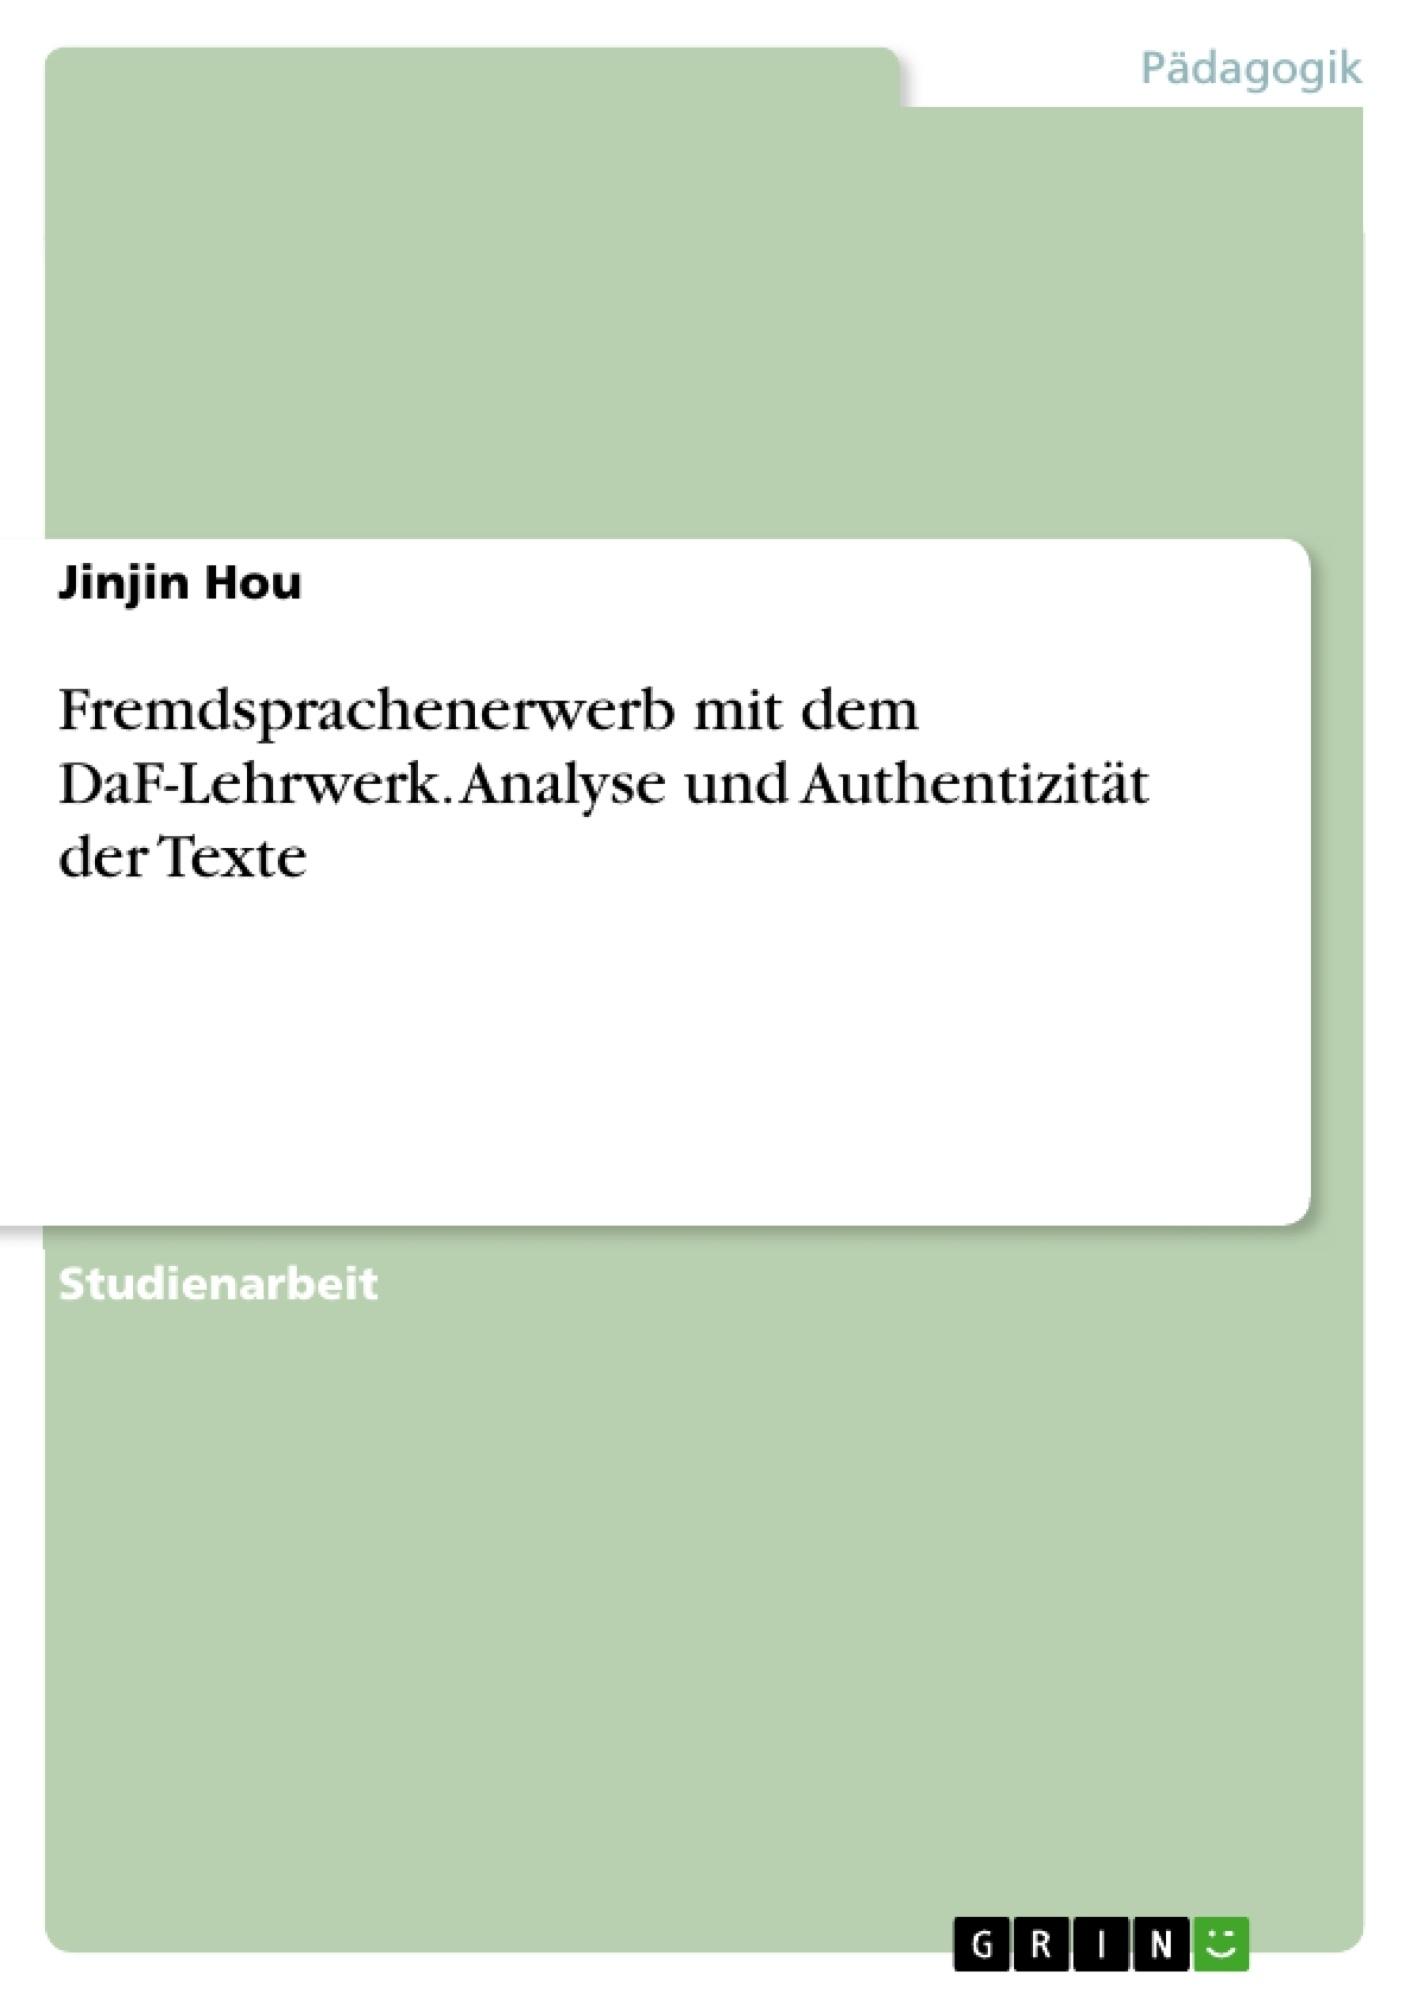 Titel: Fremdsprachenerwerb mit dem DaF-Lehrwerk. Analyse und Authentizität der Texte